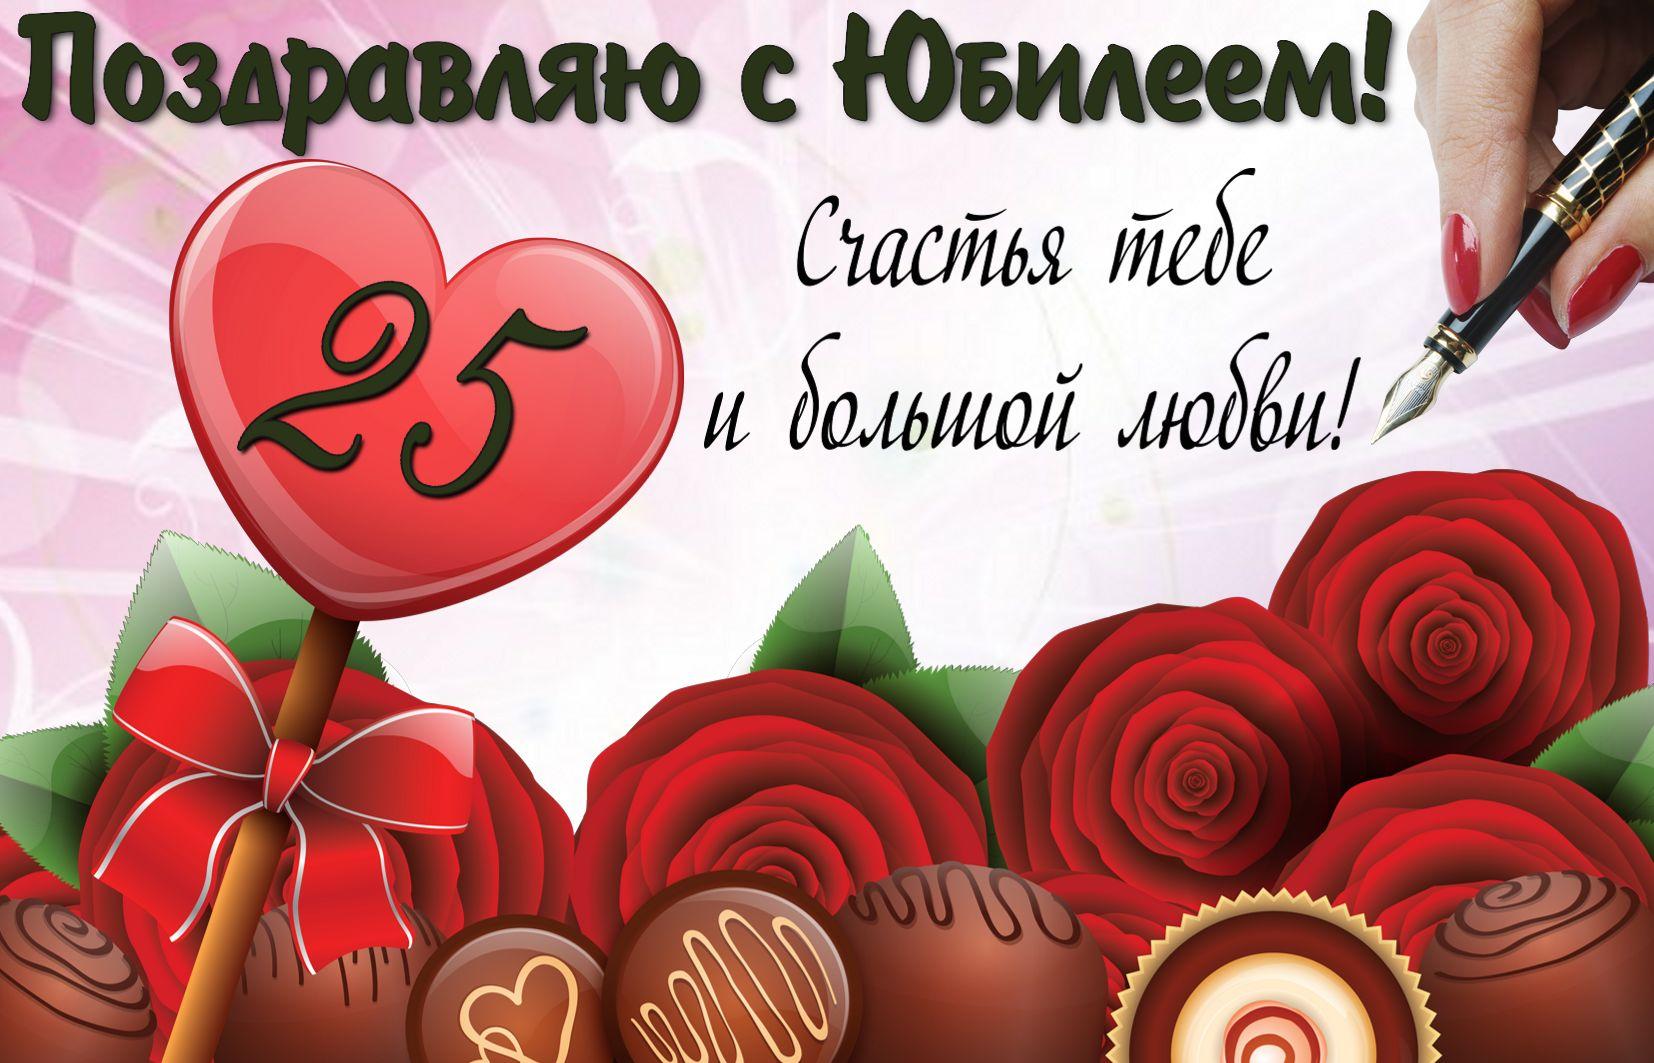 Открытка с конфетами и цветами